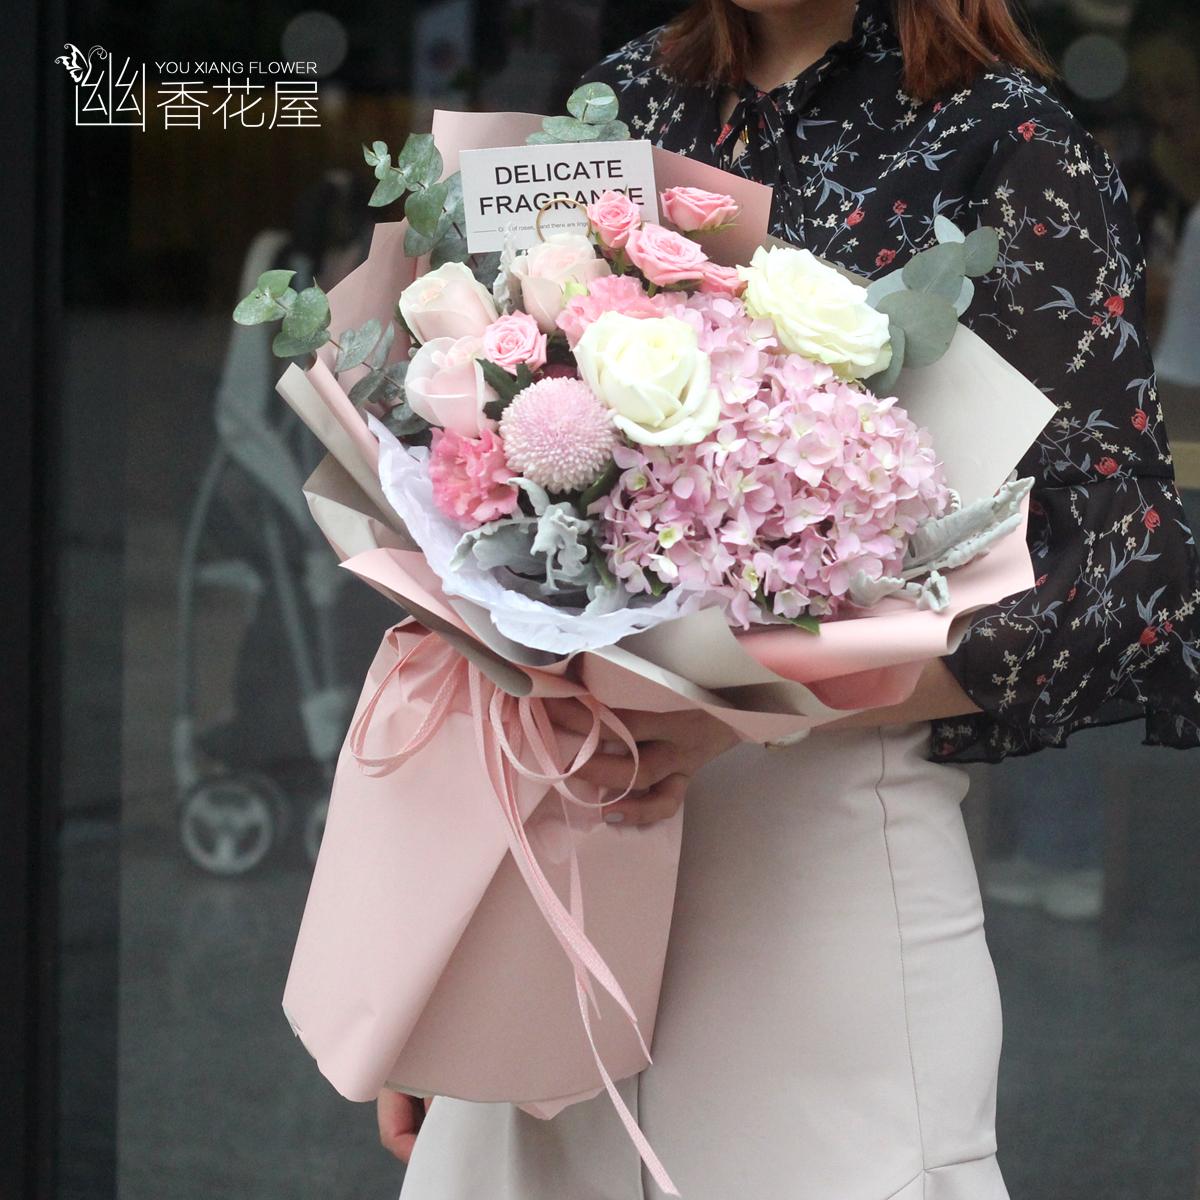 上海の武漢の同城の花屋の生花の速く粉のバラのアジサイは混じり合って花束の誕生日の彼女の娘の親友の卒業する花を送ります。